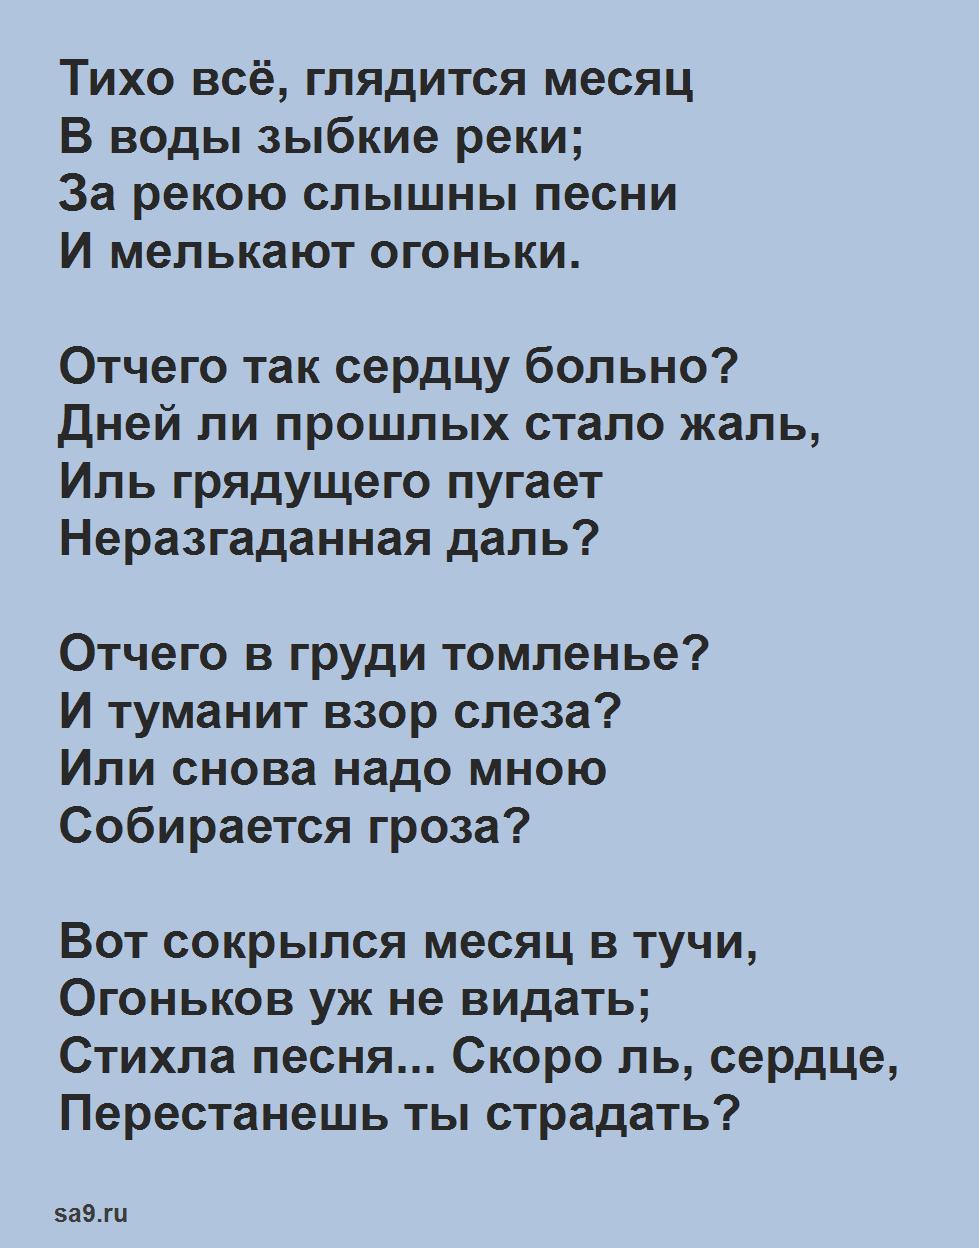 Стихи Плещеева 3 класс - Песня, легко учащиеся